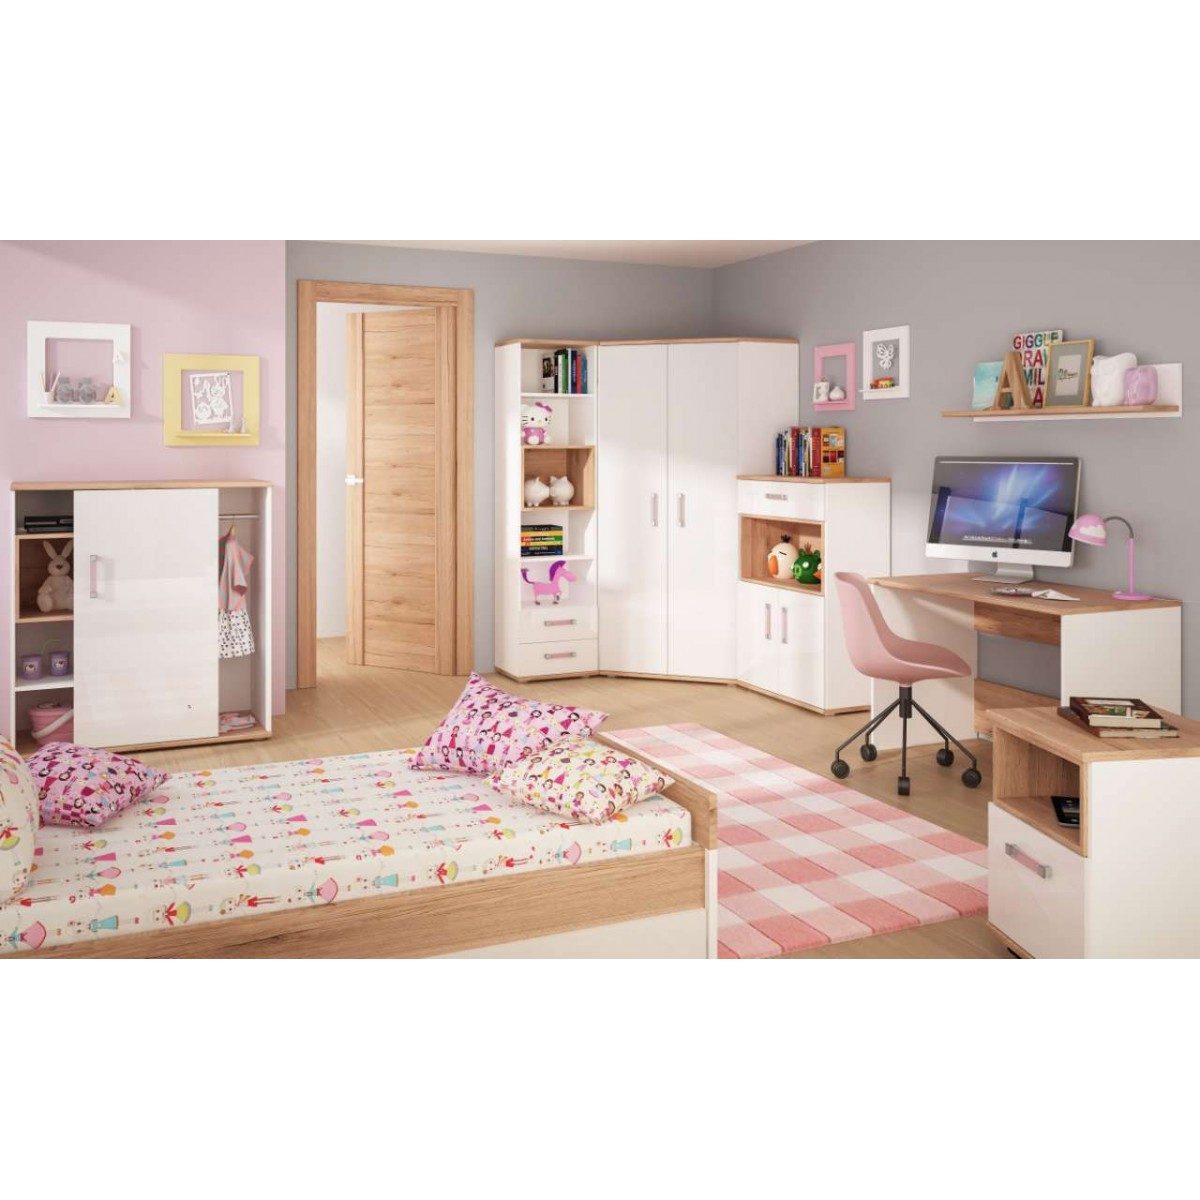 Łóżko do pokoju młodzieżowego biały alpejski / san remo Amazon 100 cm Typ 90